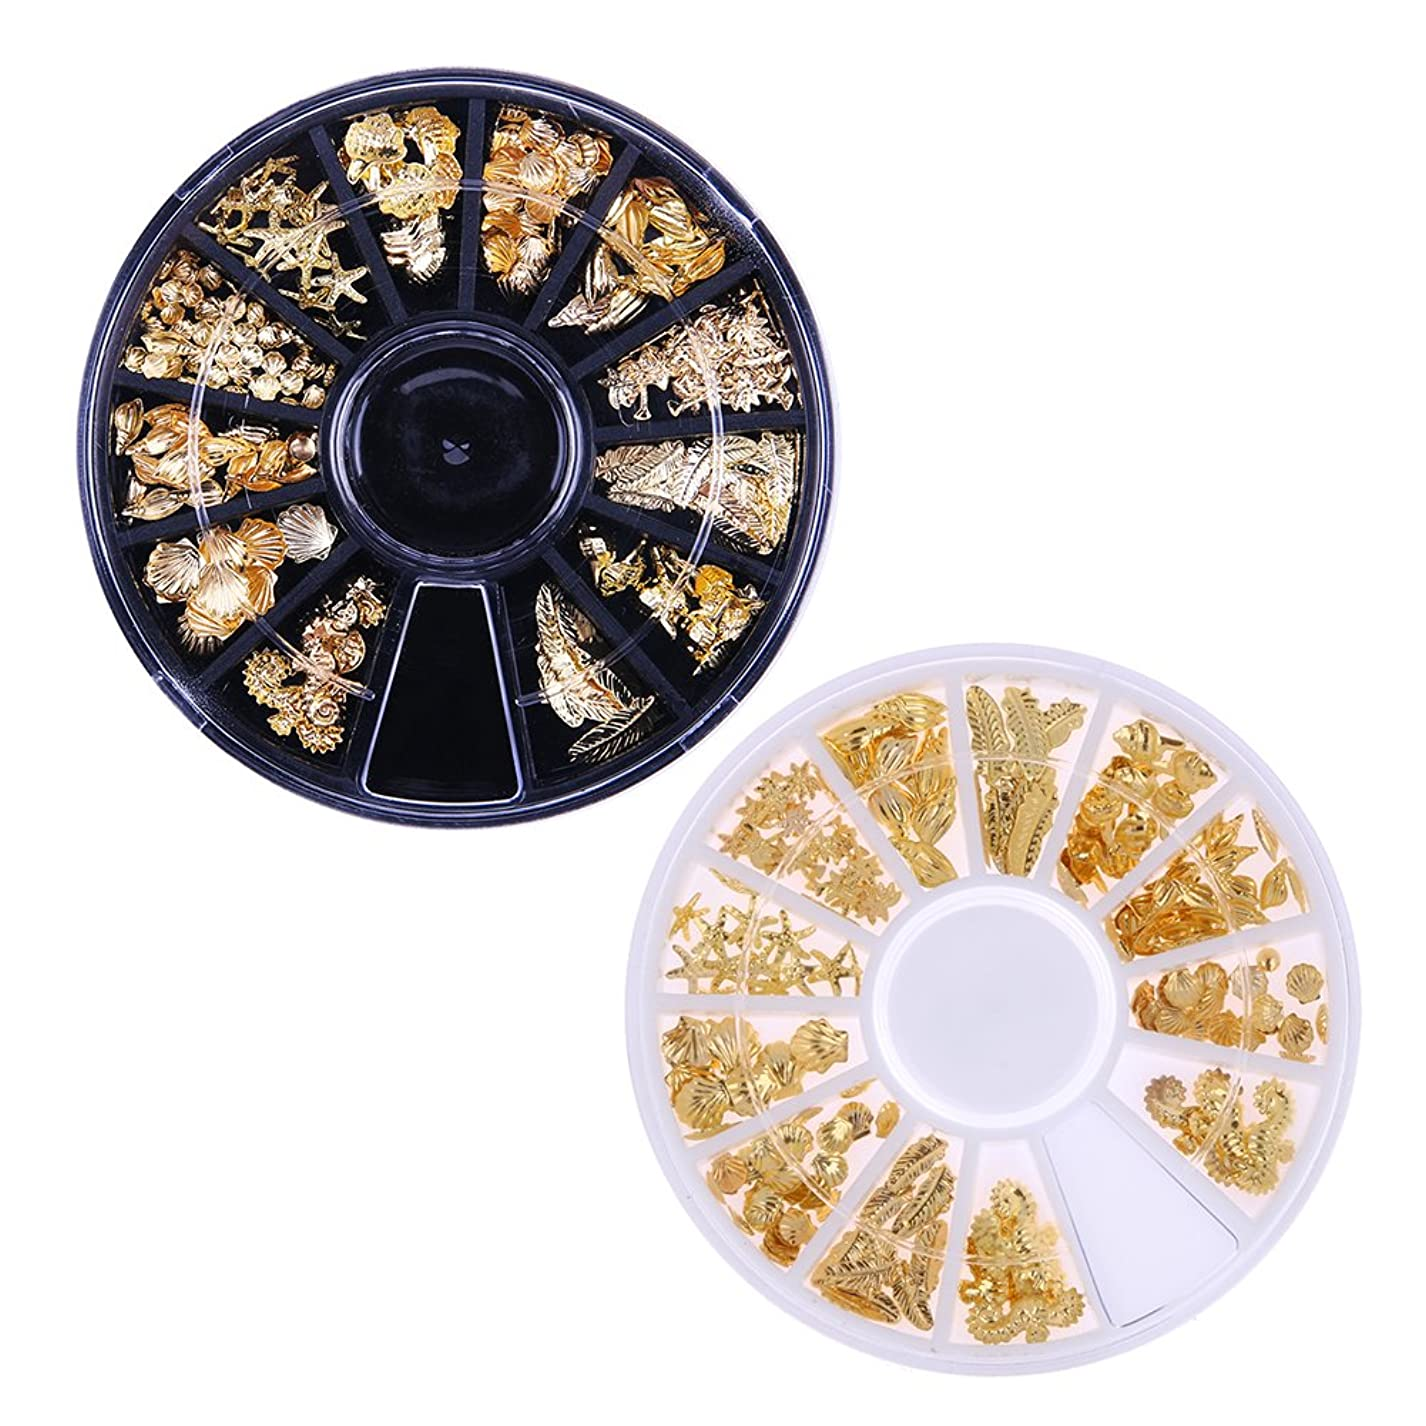 マーカー爪イタリックDemiawaking 3D ネイルパーツ メタル ゴールド 海テーマ(貝殻/海馬/海星など) 12種形 ネイルデコレーション ラウンドケース入リ 2ケース